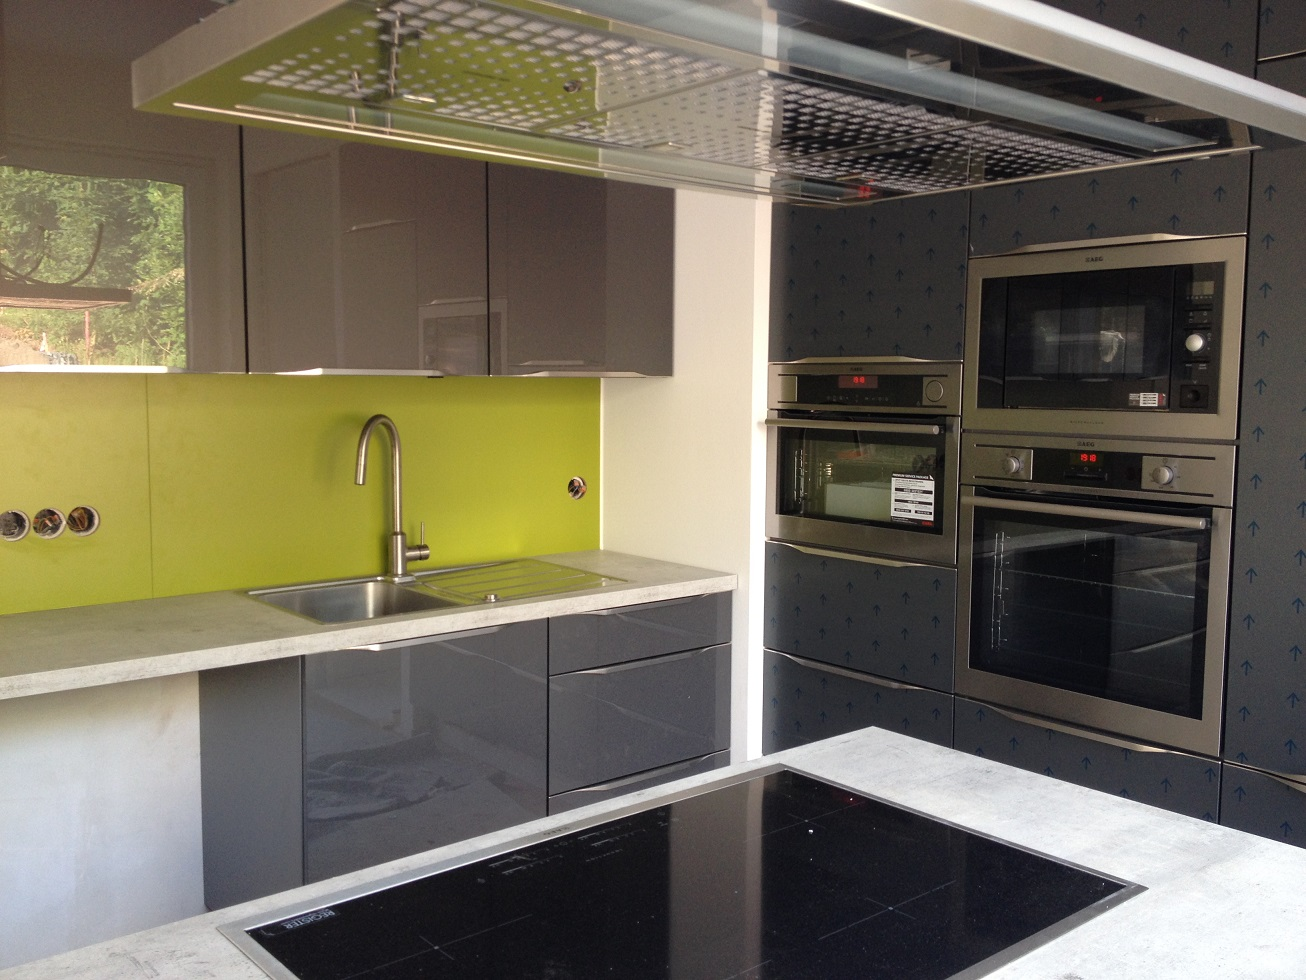 Wir bauen ein Haus - Unser Bautagebuch : Parkett und Küche